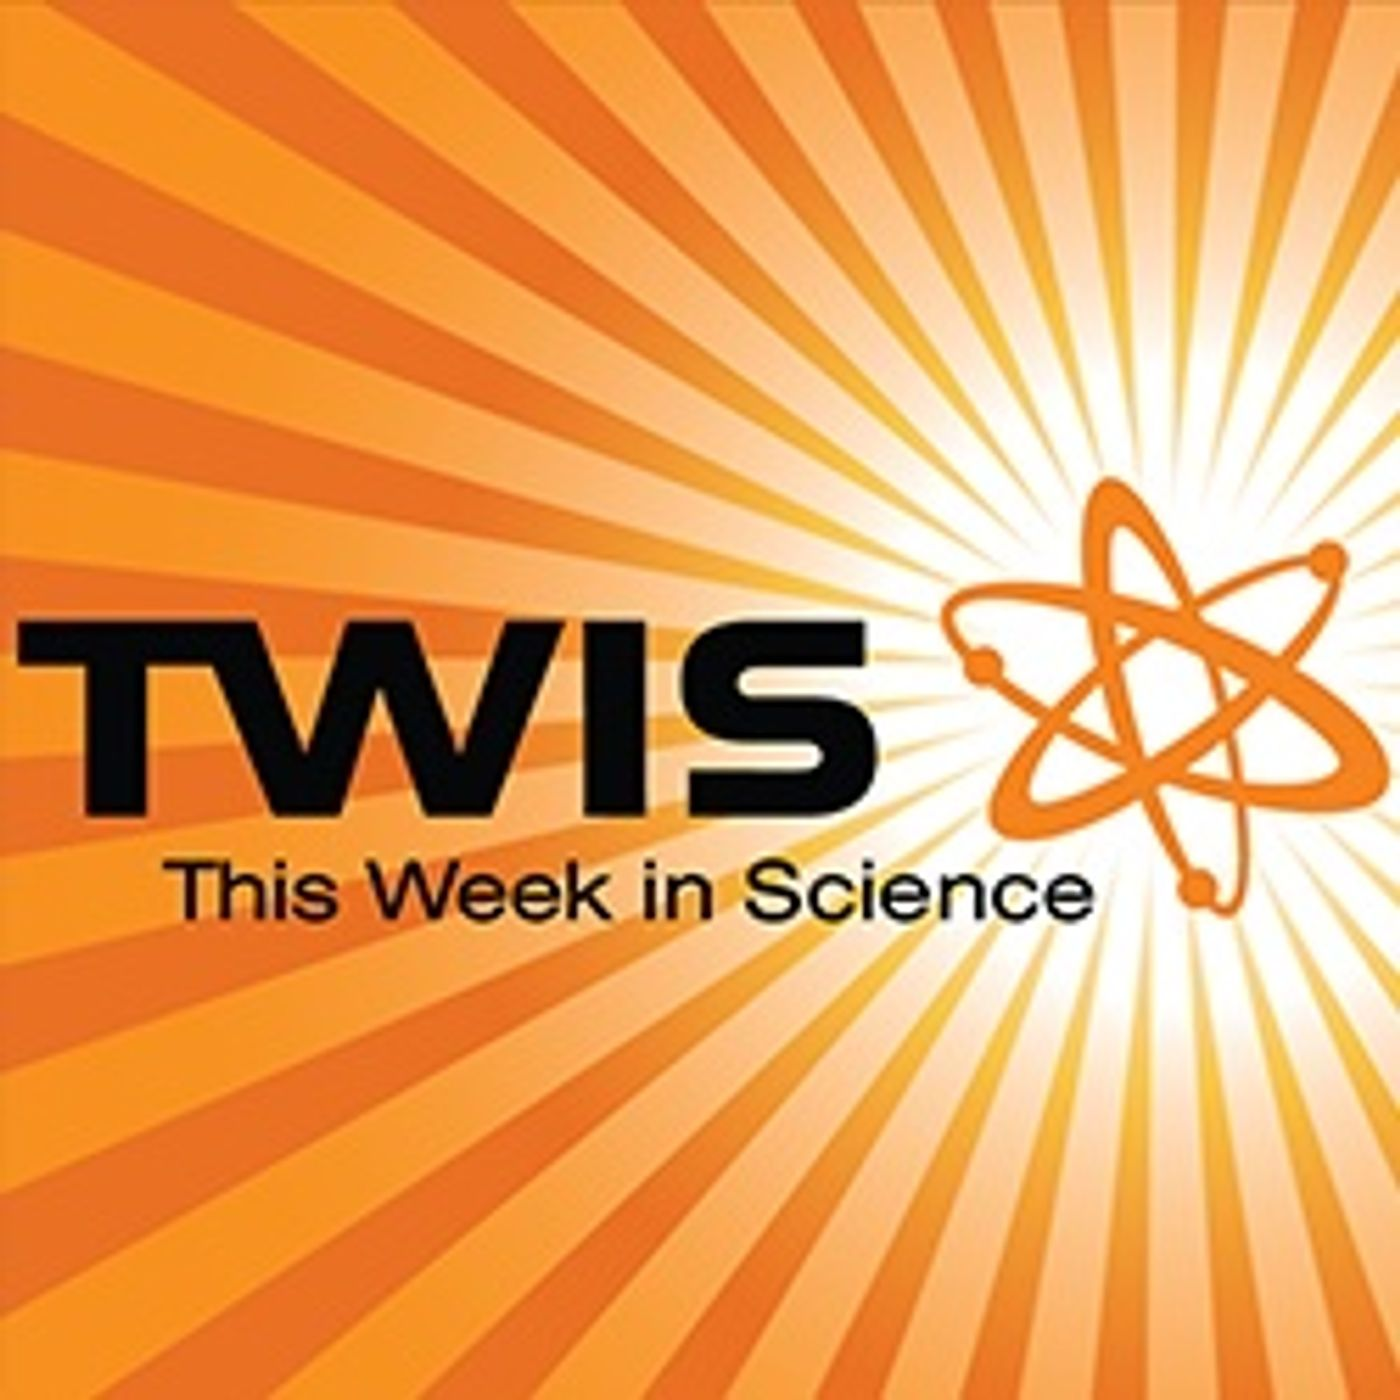 This Week in Science (TWIS)